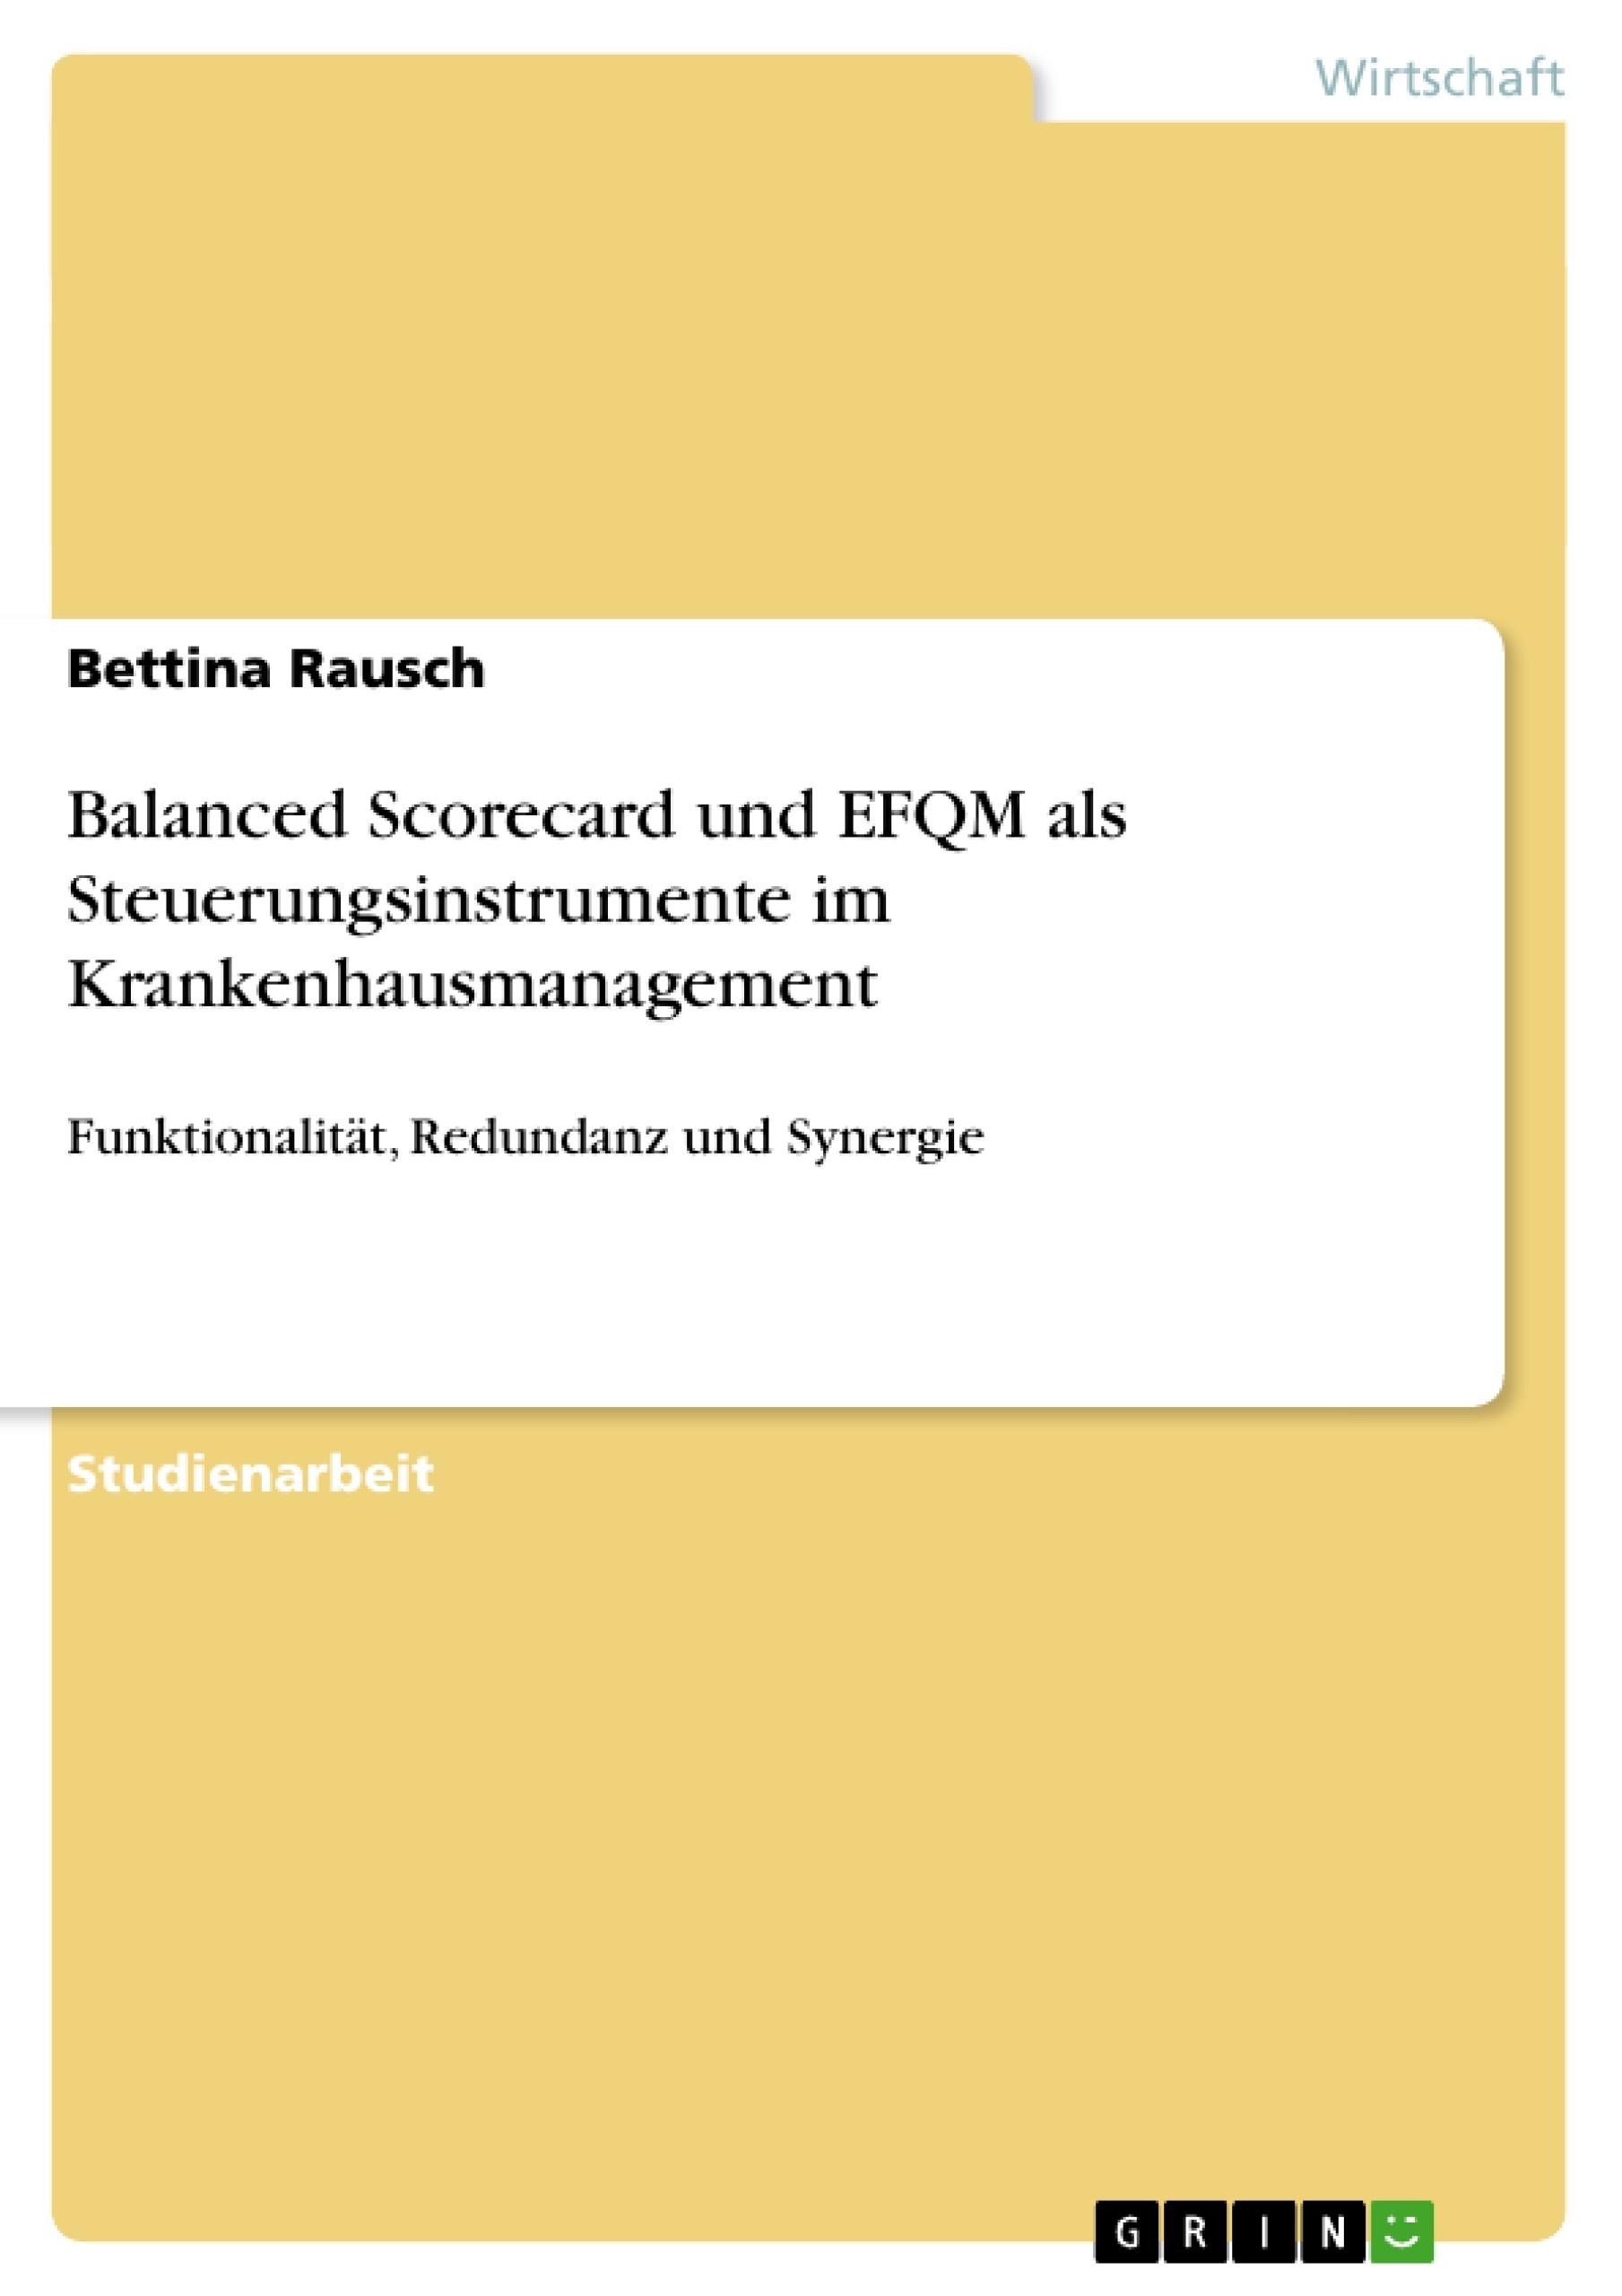 Titel: Balanced Scorecard und EFQM als Steuerungsinstrumente im Krankenhausmanagement